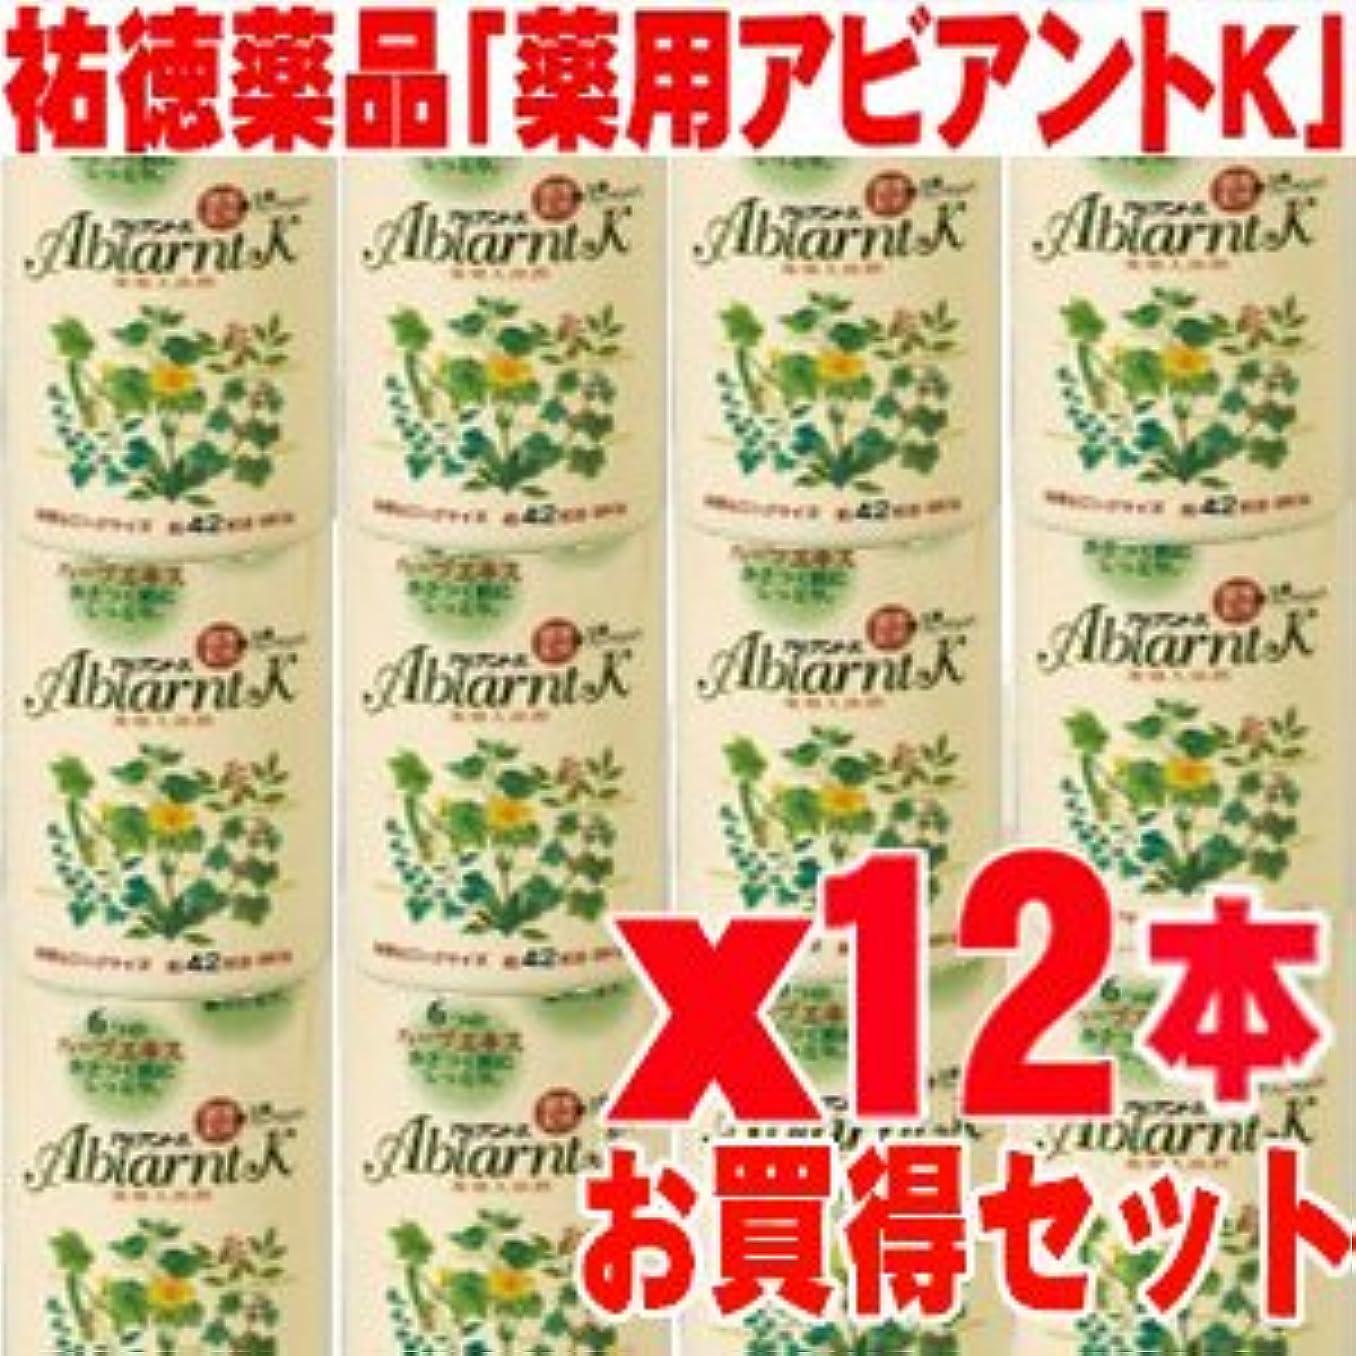 固める保険をかける目指すアビアントK 薬用入浴剤 850gx12本 (総合計10.2kg)4987235024123